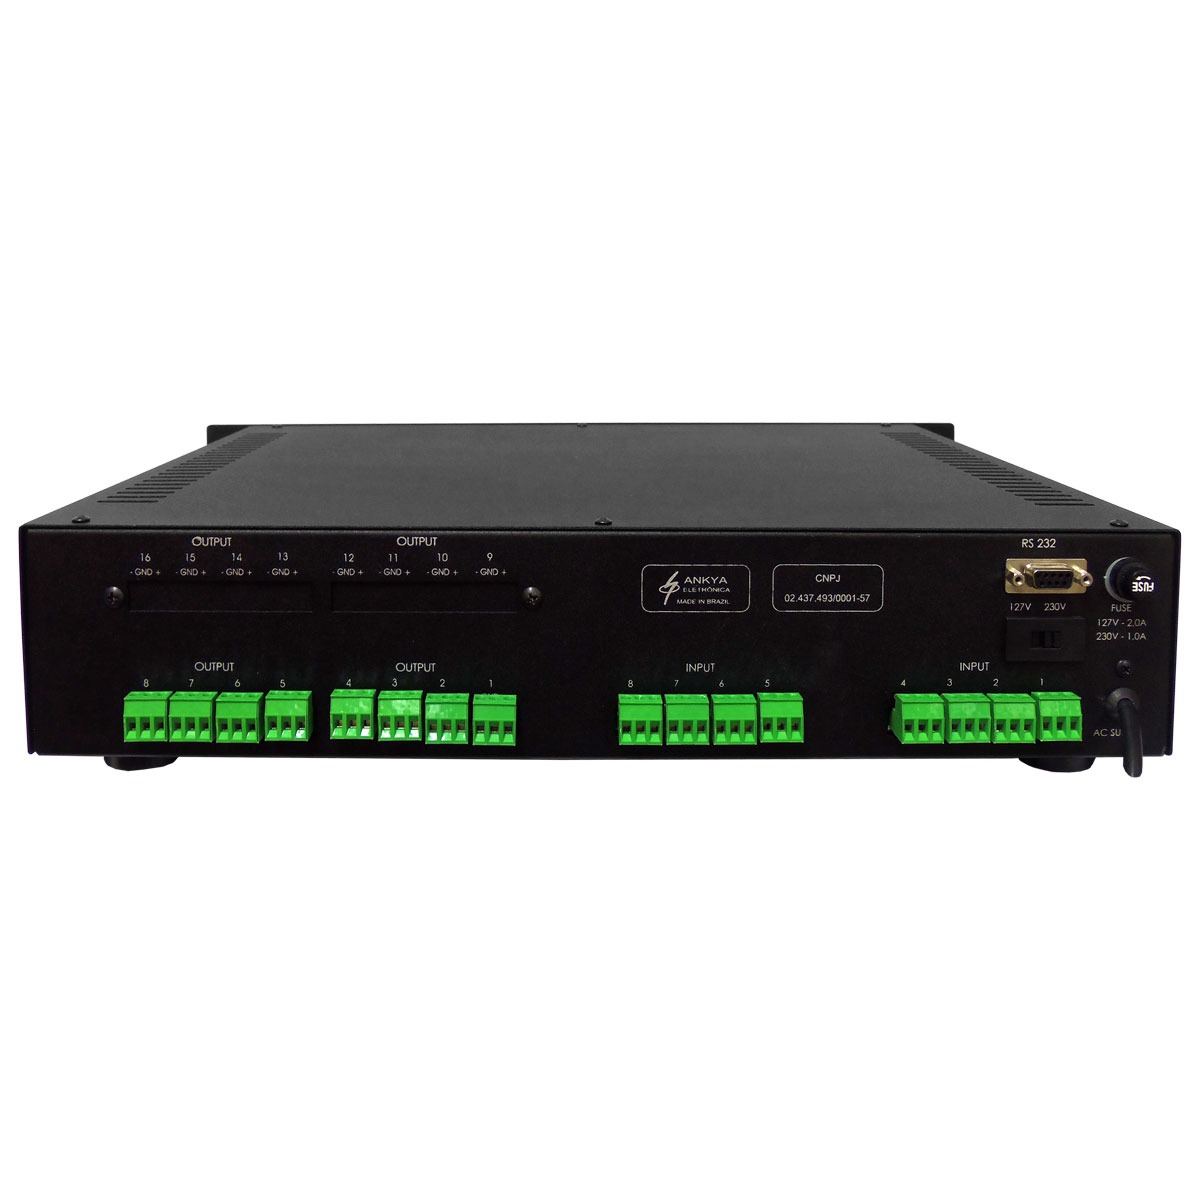 Flexio88 - Matriz Digital p/ Roteamento de Áudio 8 x 8 Flexio 8 8 - Sansara